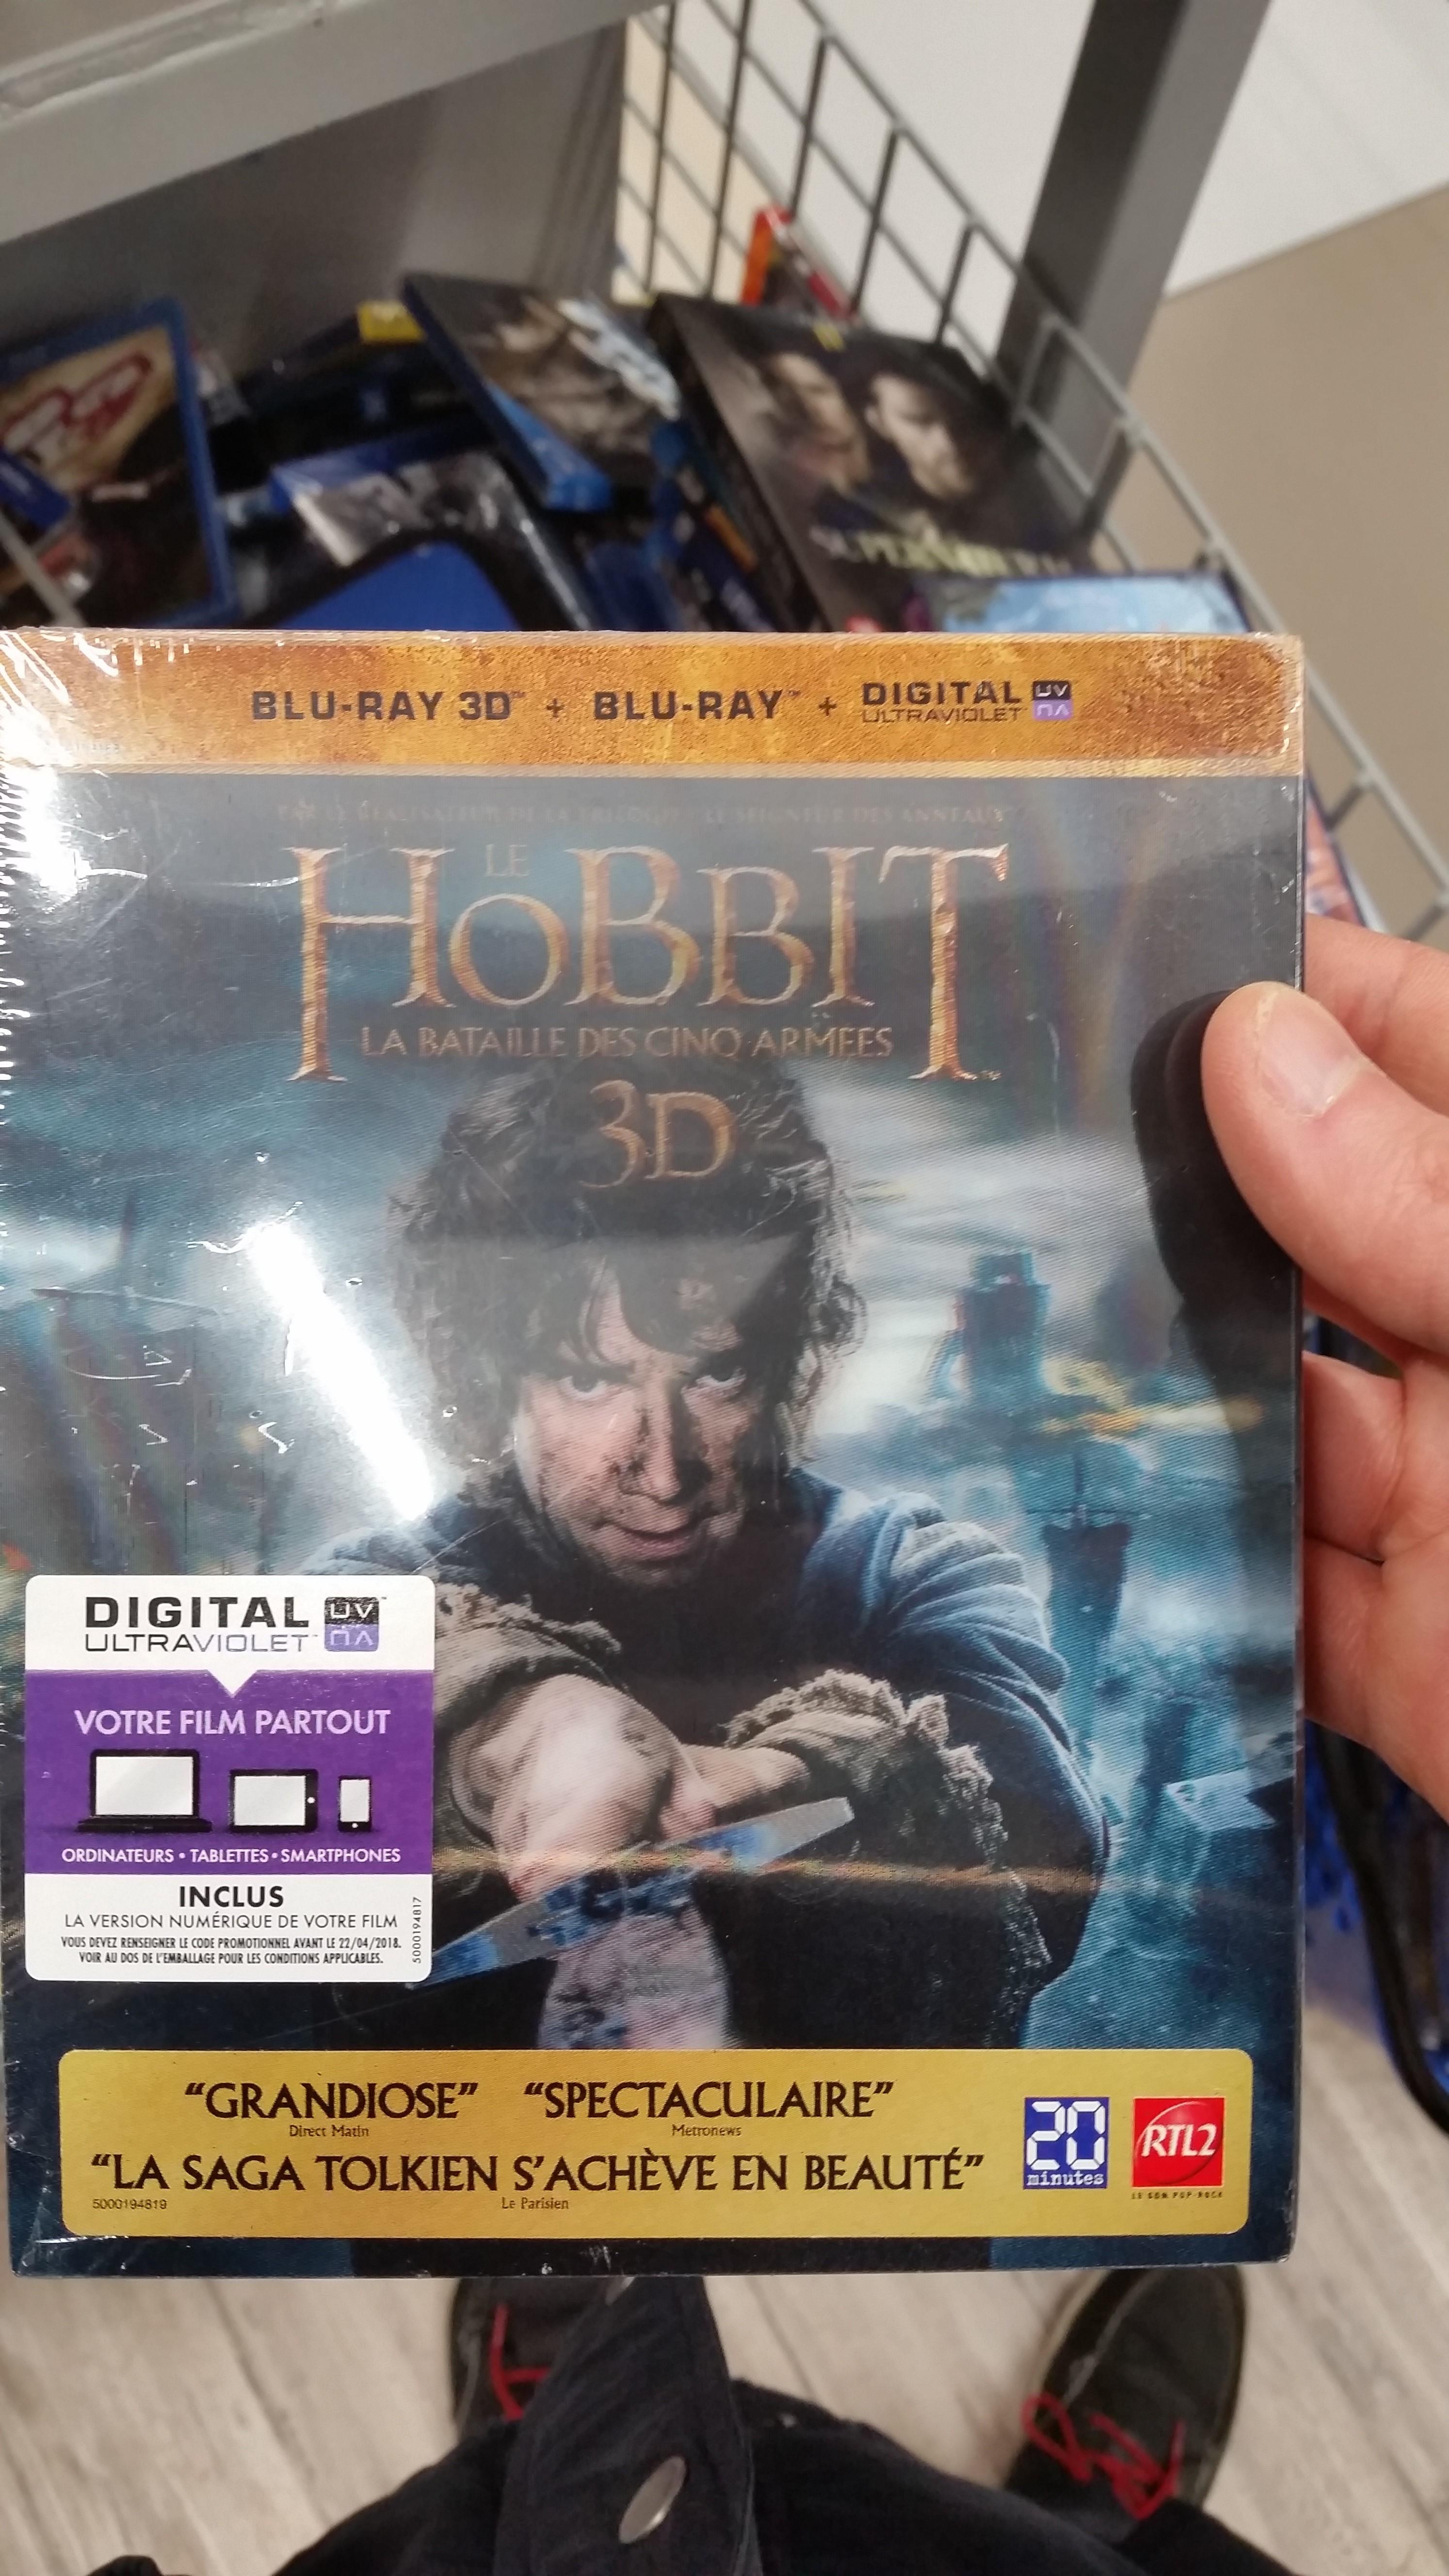 Bluray 3D Hobbit La Bataille des 5 armées - Bluray 3D + Bluray + version numérique - Bois-d'Arcy (78)